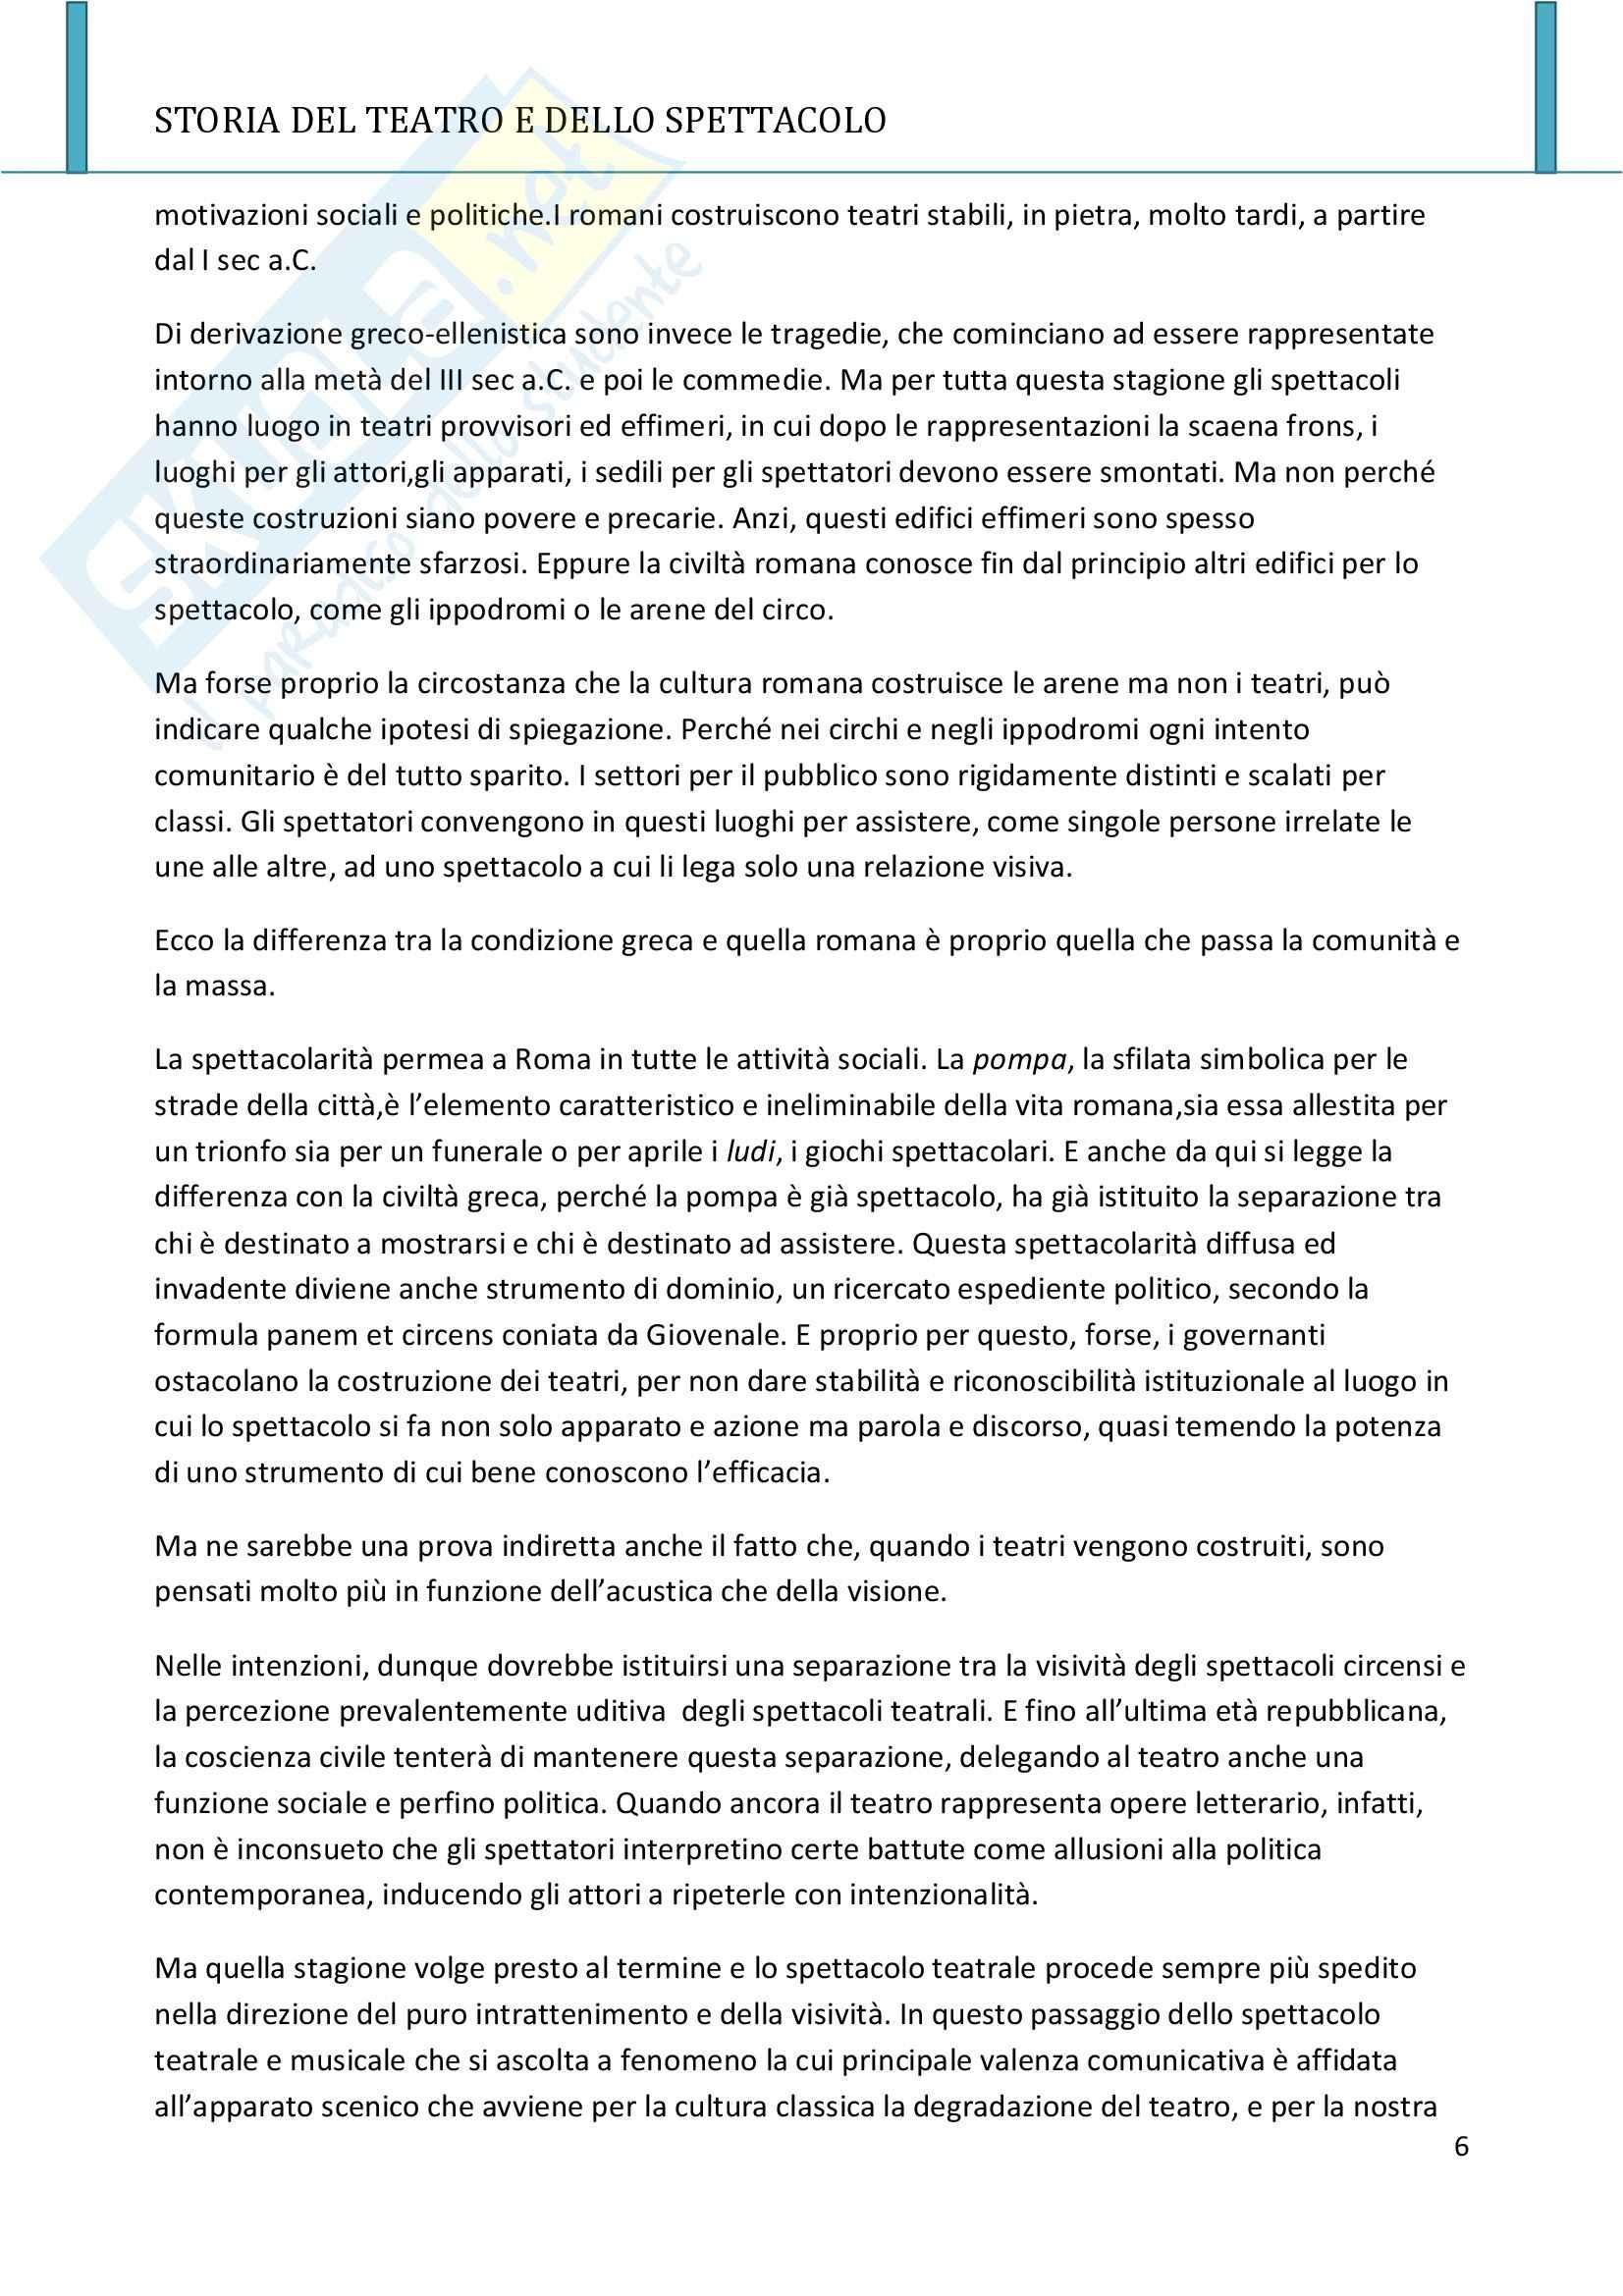 Riassunto esame Storia del teatro e dello spettacolo, prof. Allegri, libro consigliato L'arte e il mestiere, Luigi Allegri Pag. 6